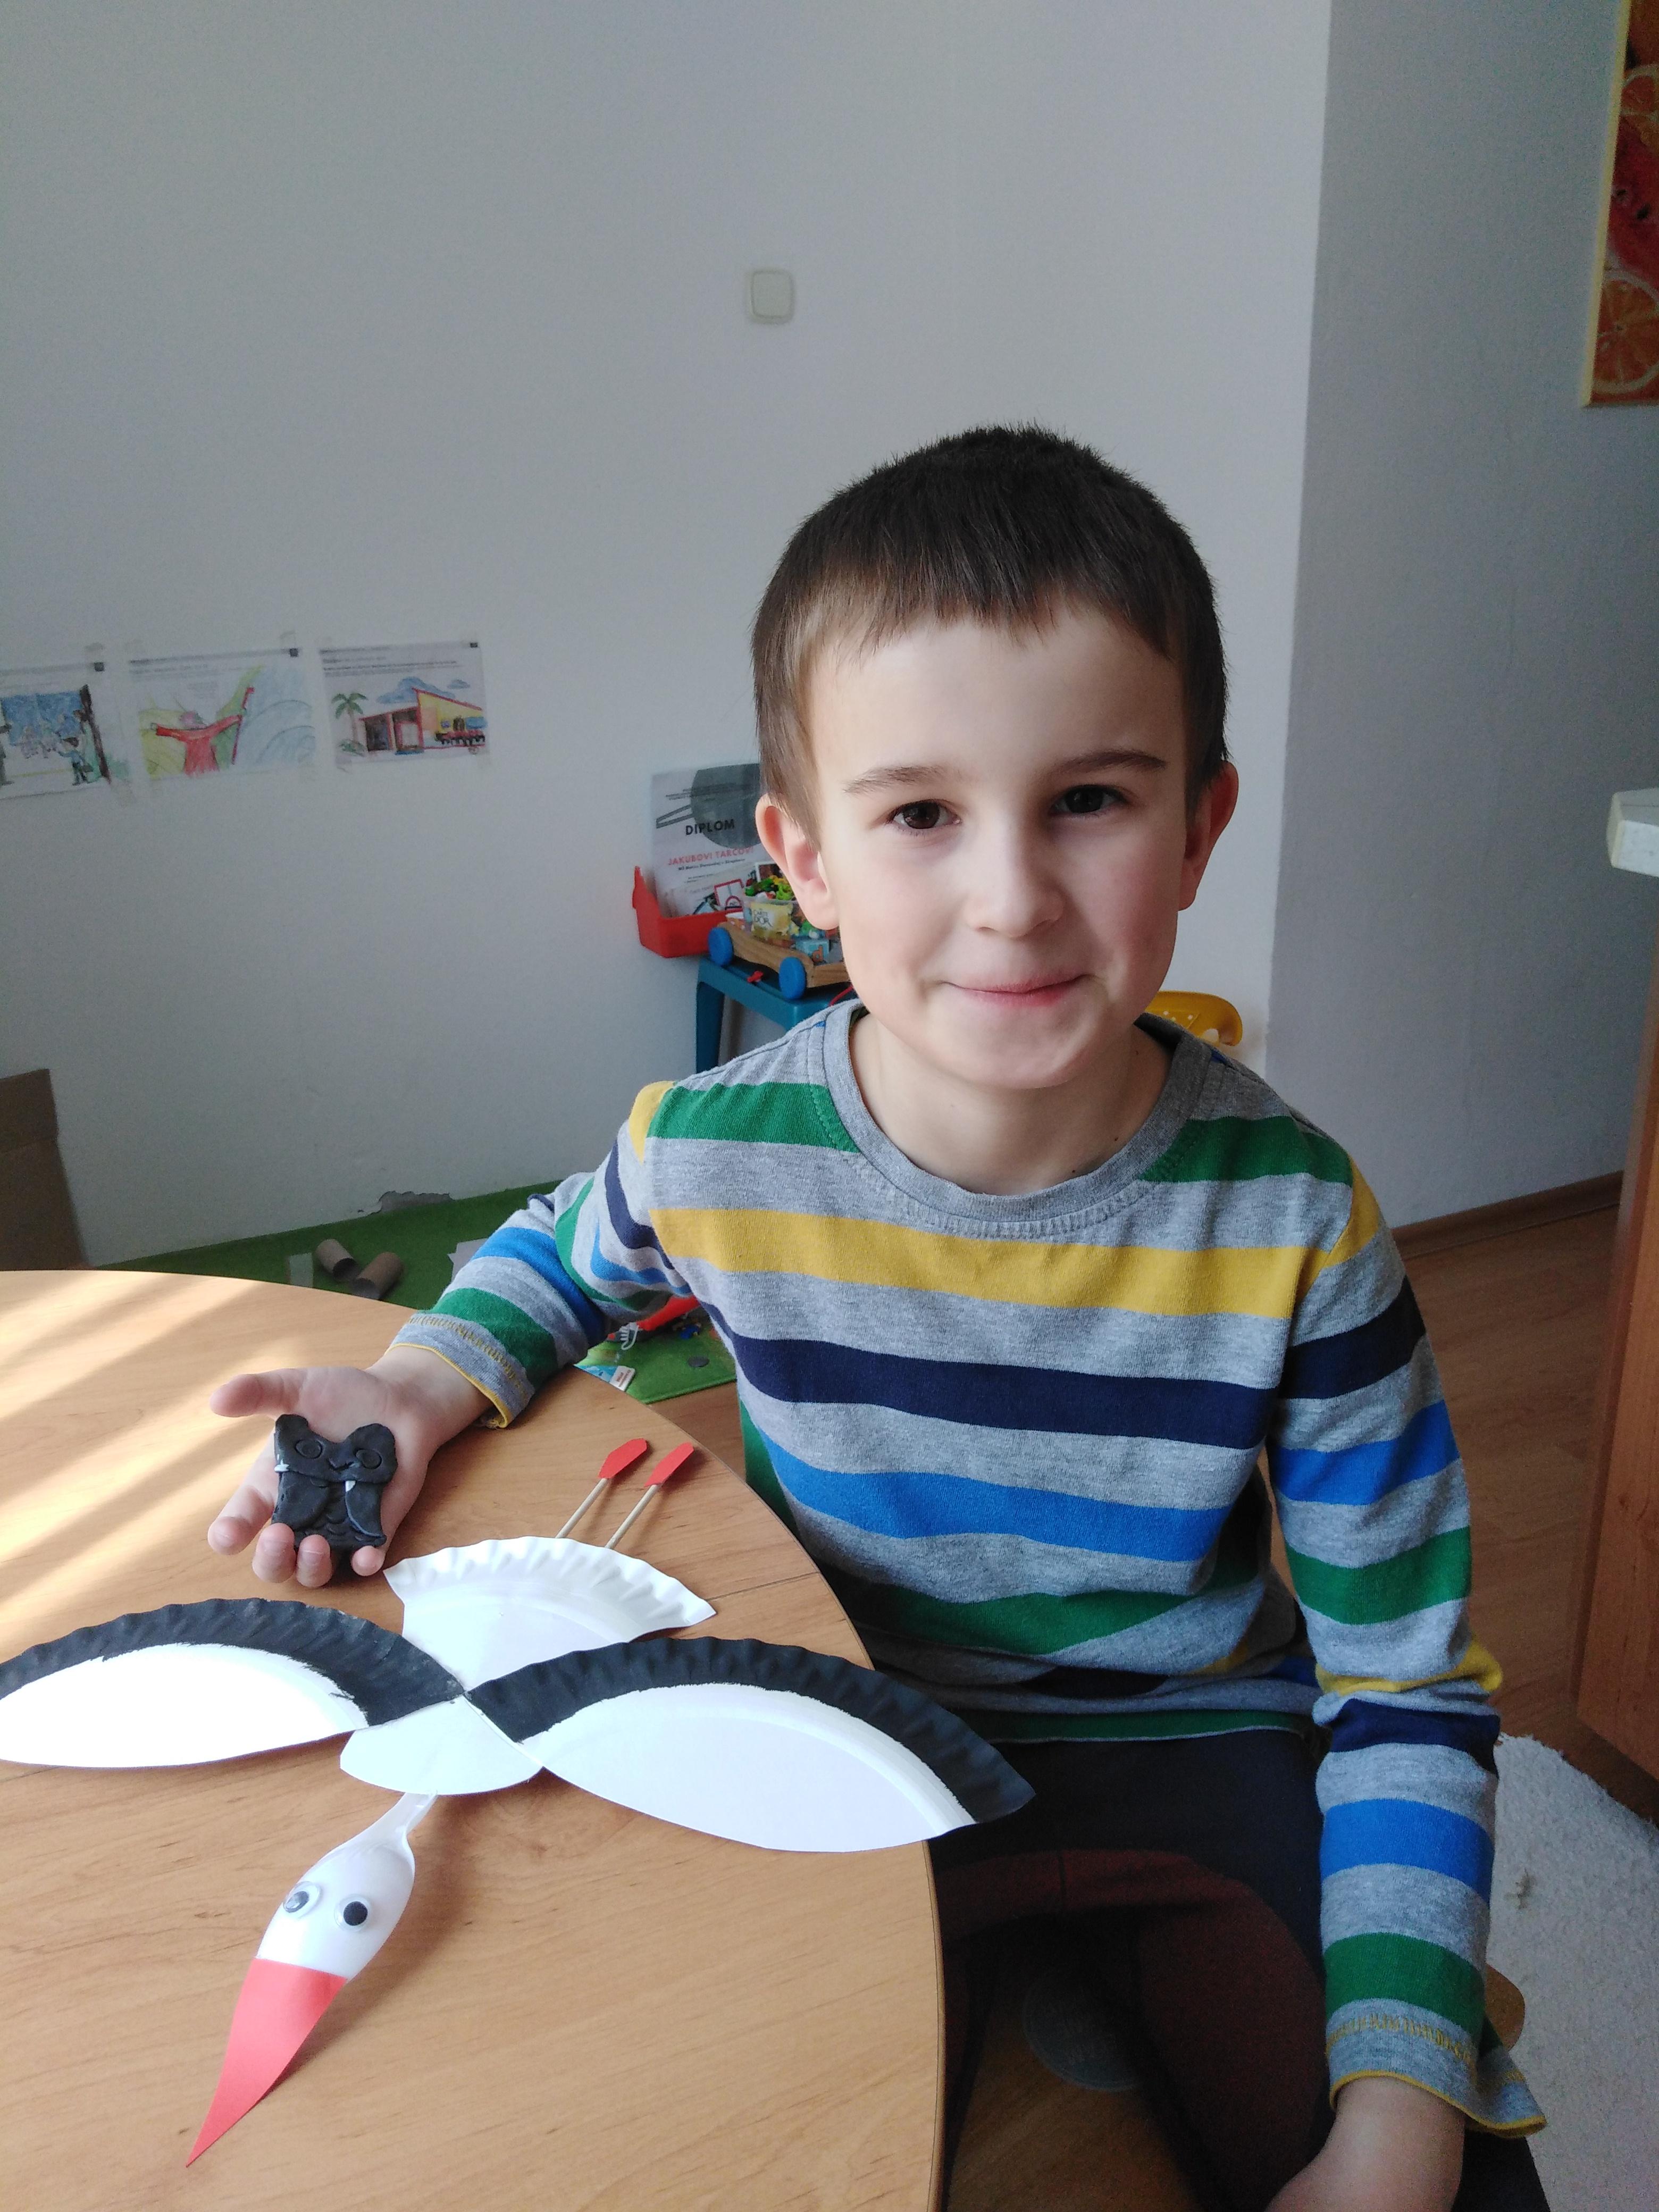 Predškolák Jakubko pravidelne prispieva fotkami ako pracuje. Palec hore, Jakubko :-)